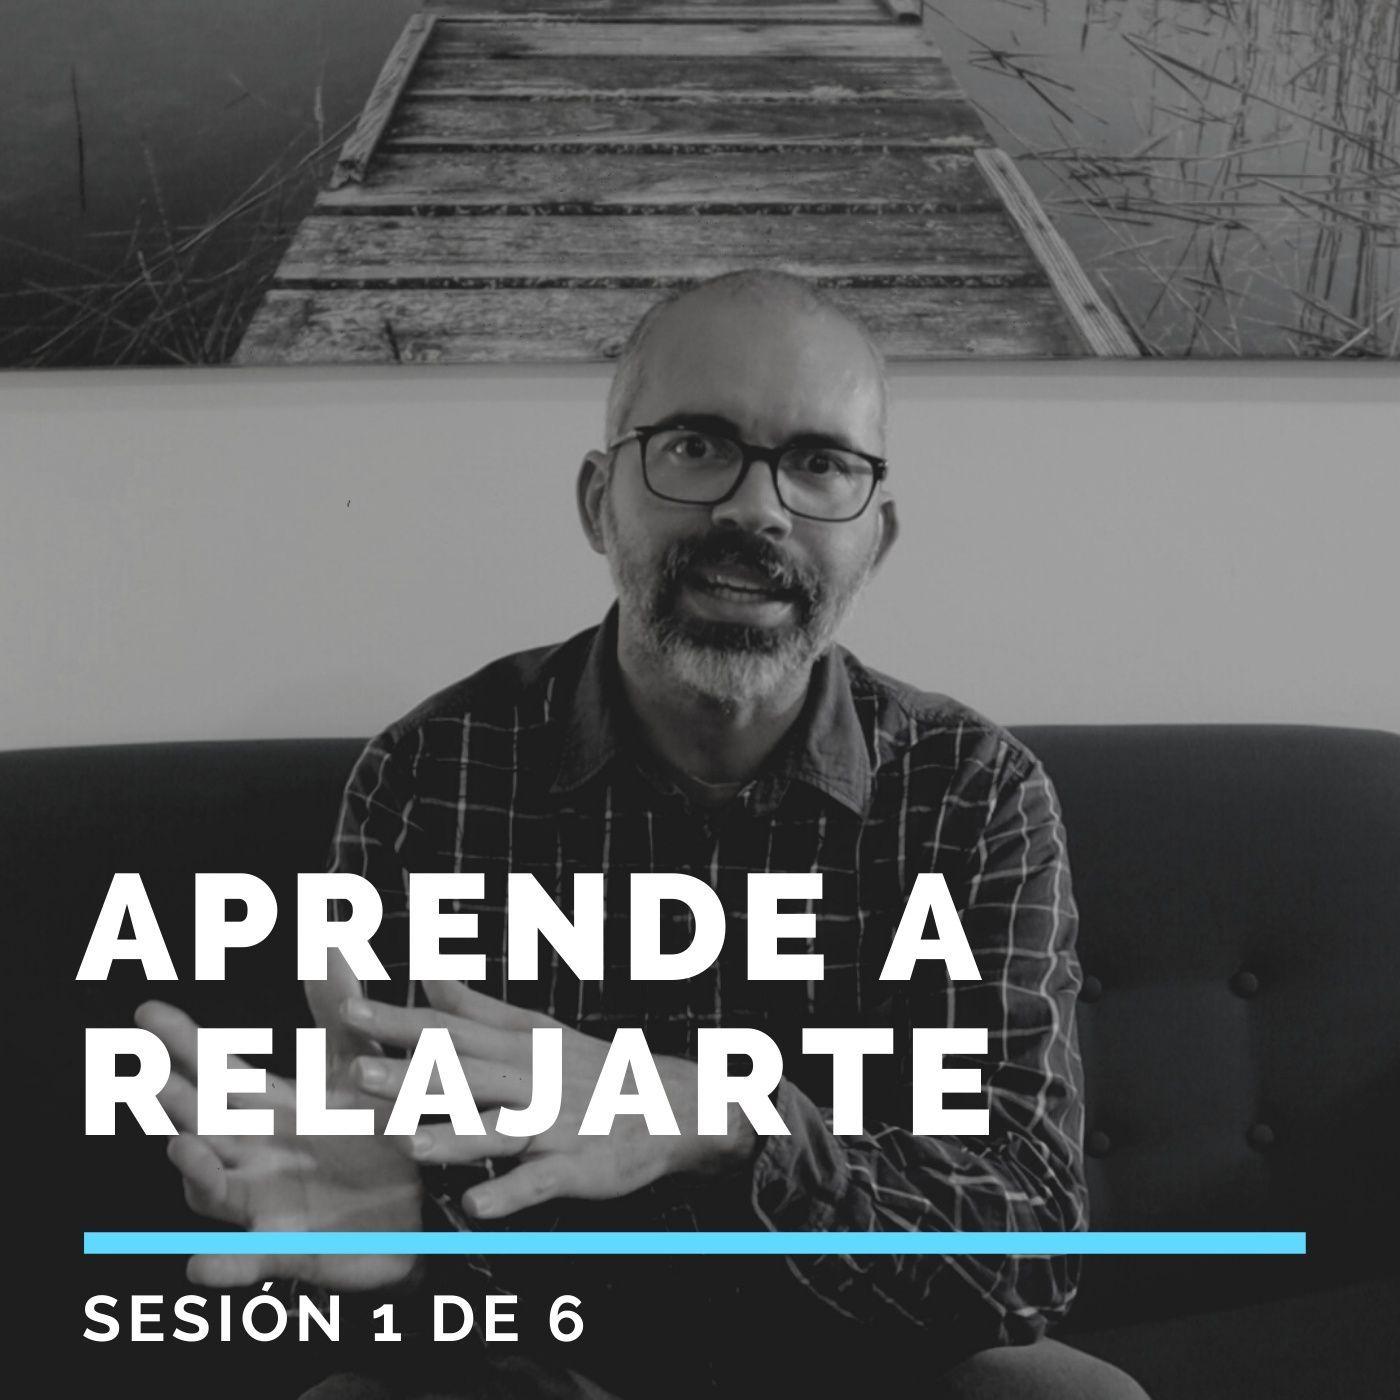 Aprende a RELAJARTE - Sesión 1